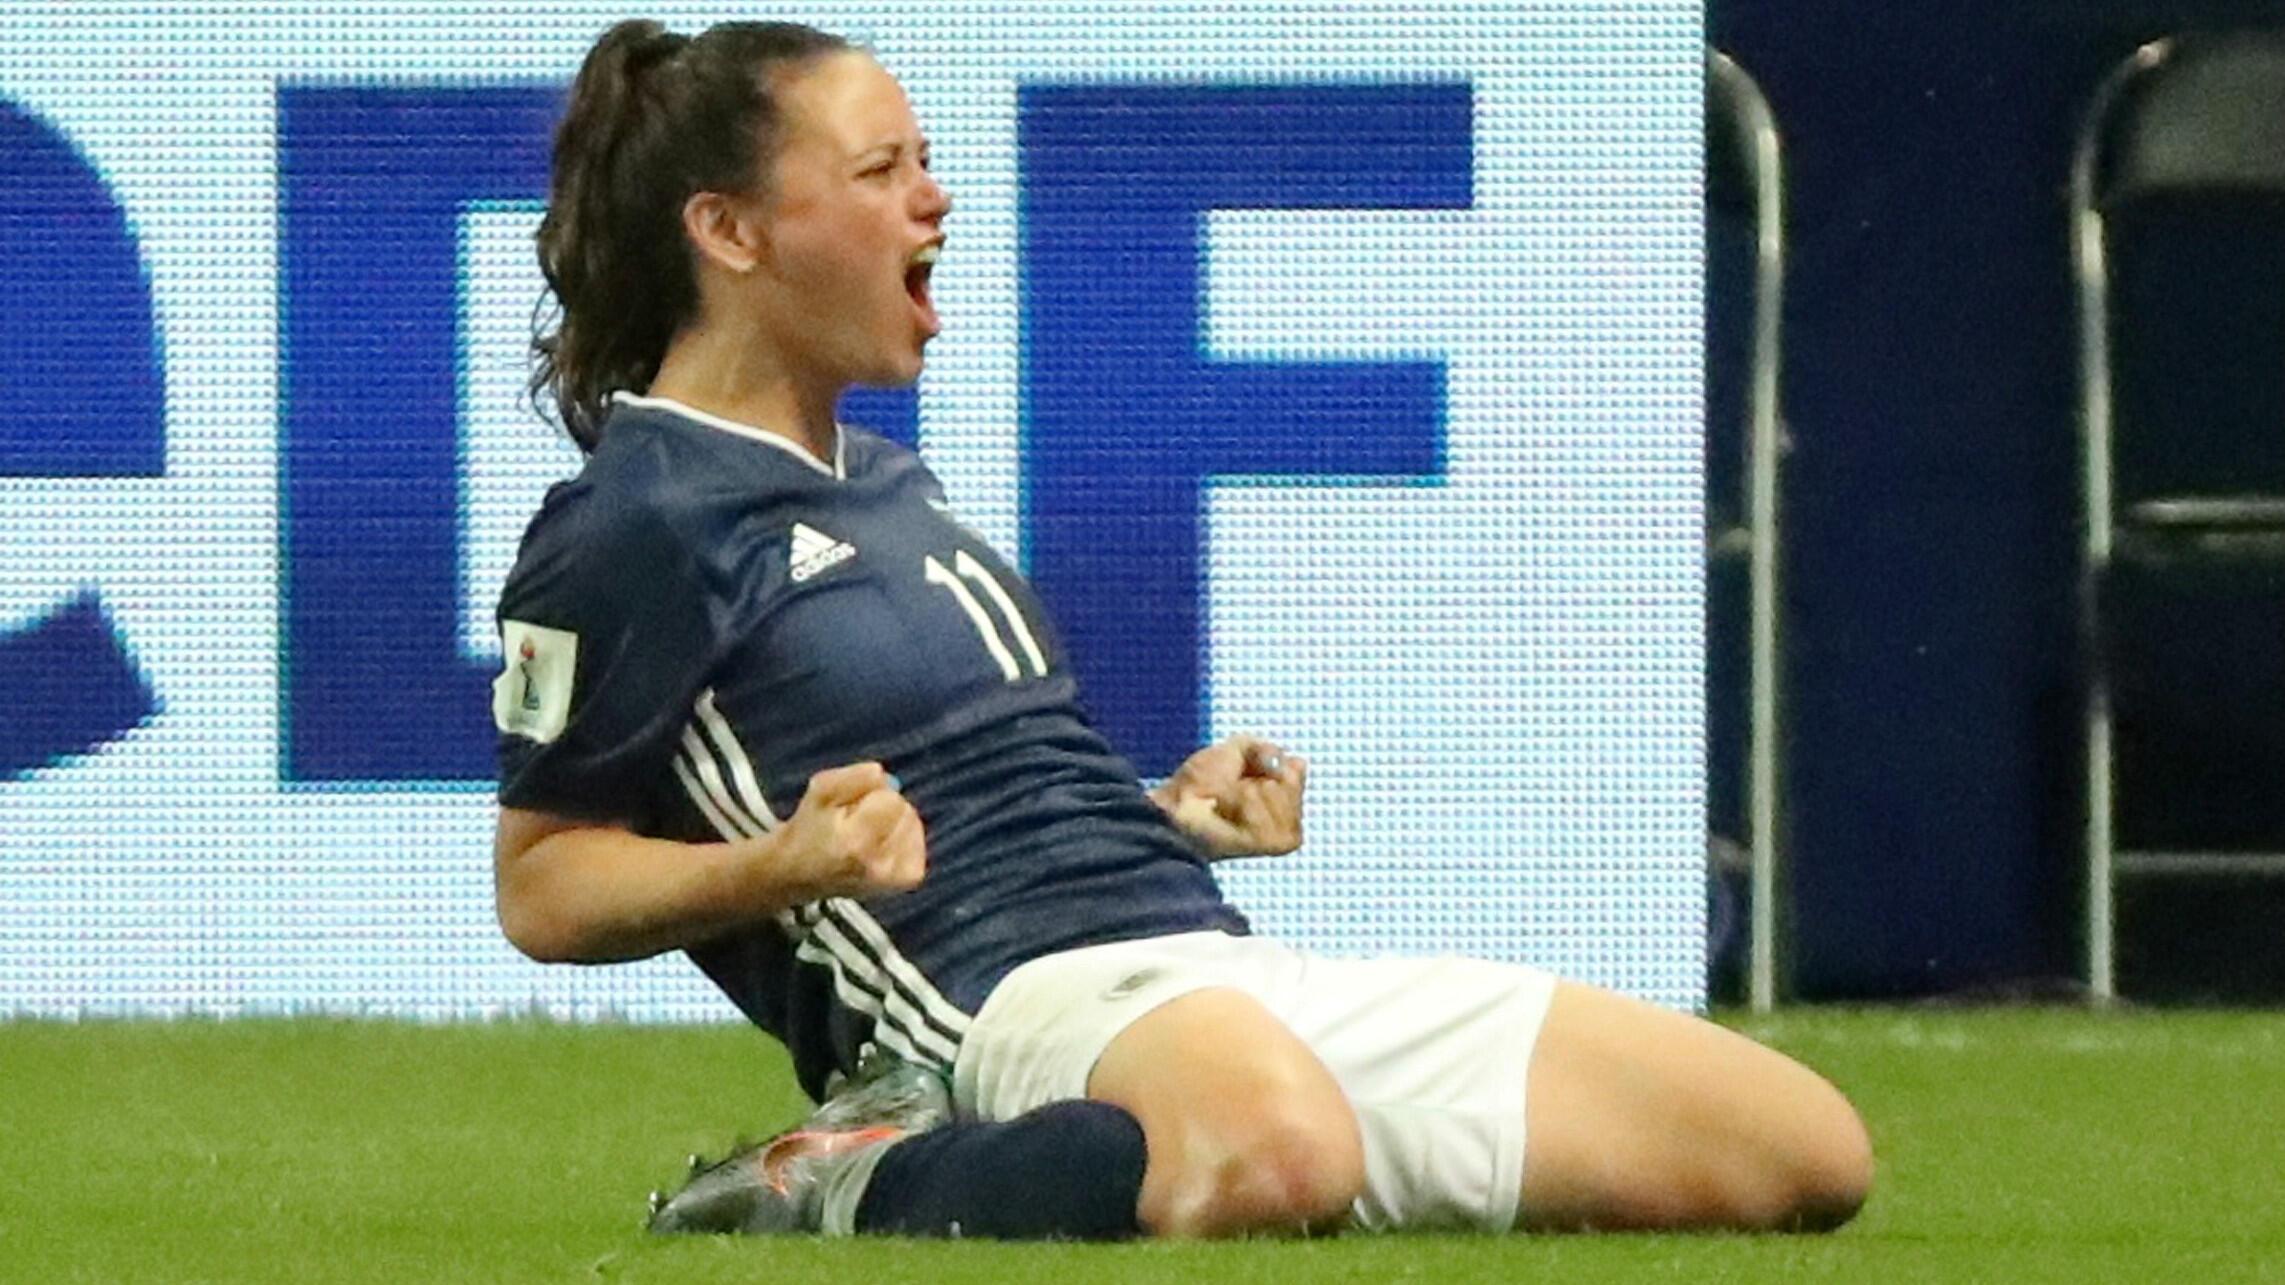 Florencia Bonsegundo celebra tras marcar el tercer gol de Argentina en el 3-3 ante Escocia en el estadio Parque de los Príncipes de París, el 19 de junio de 2019.